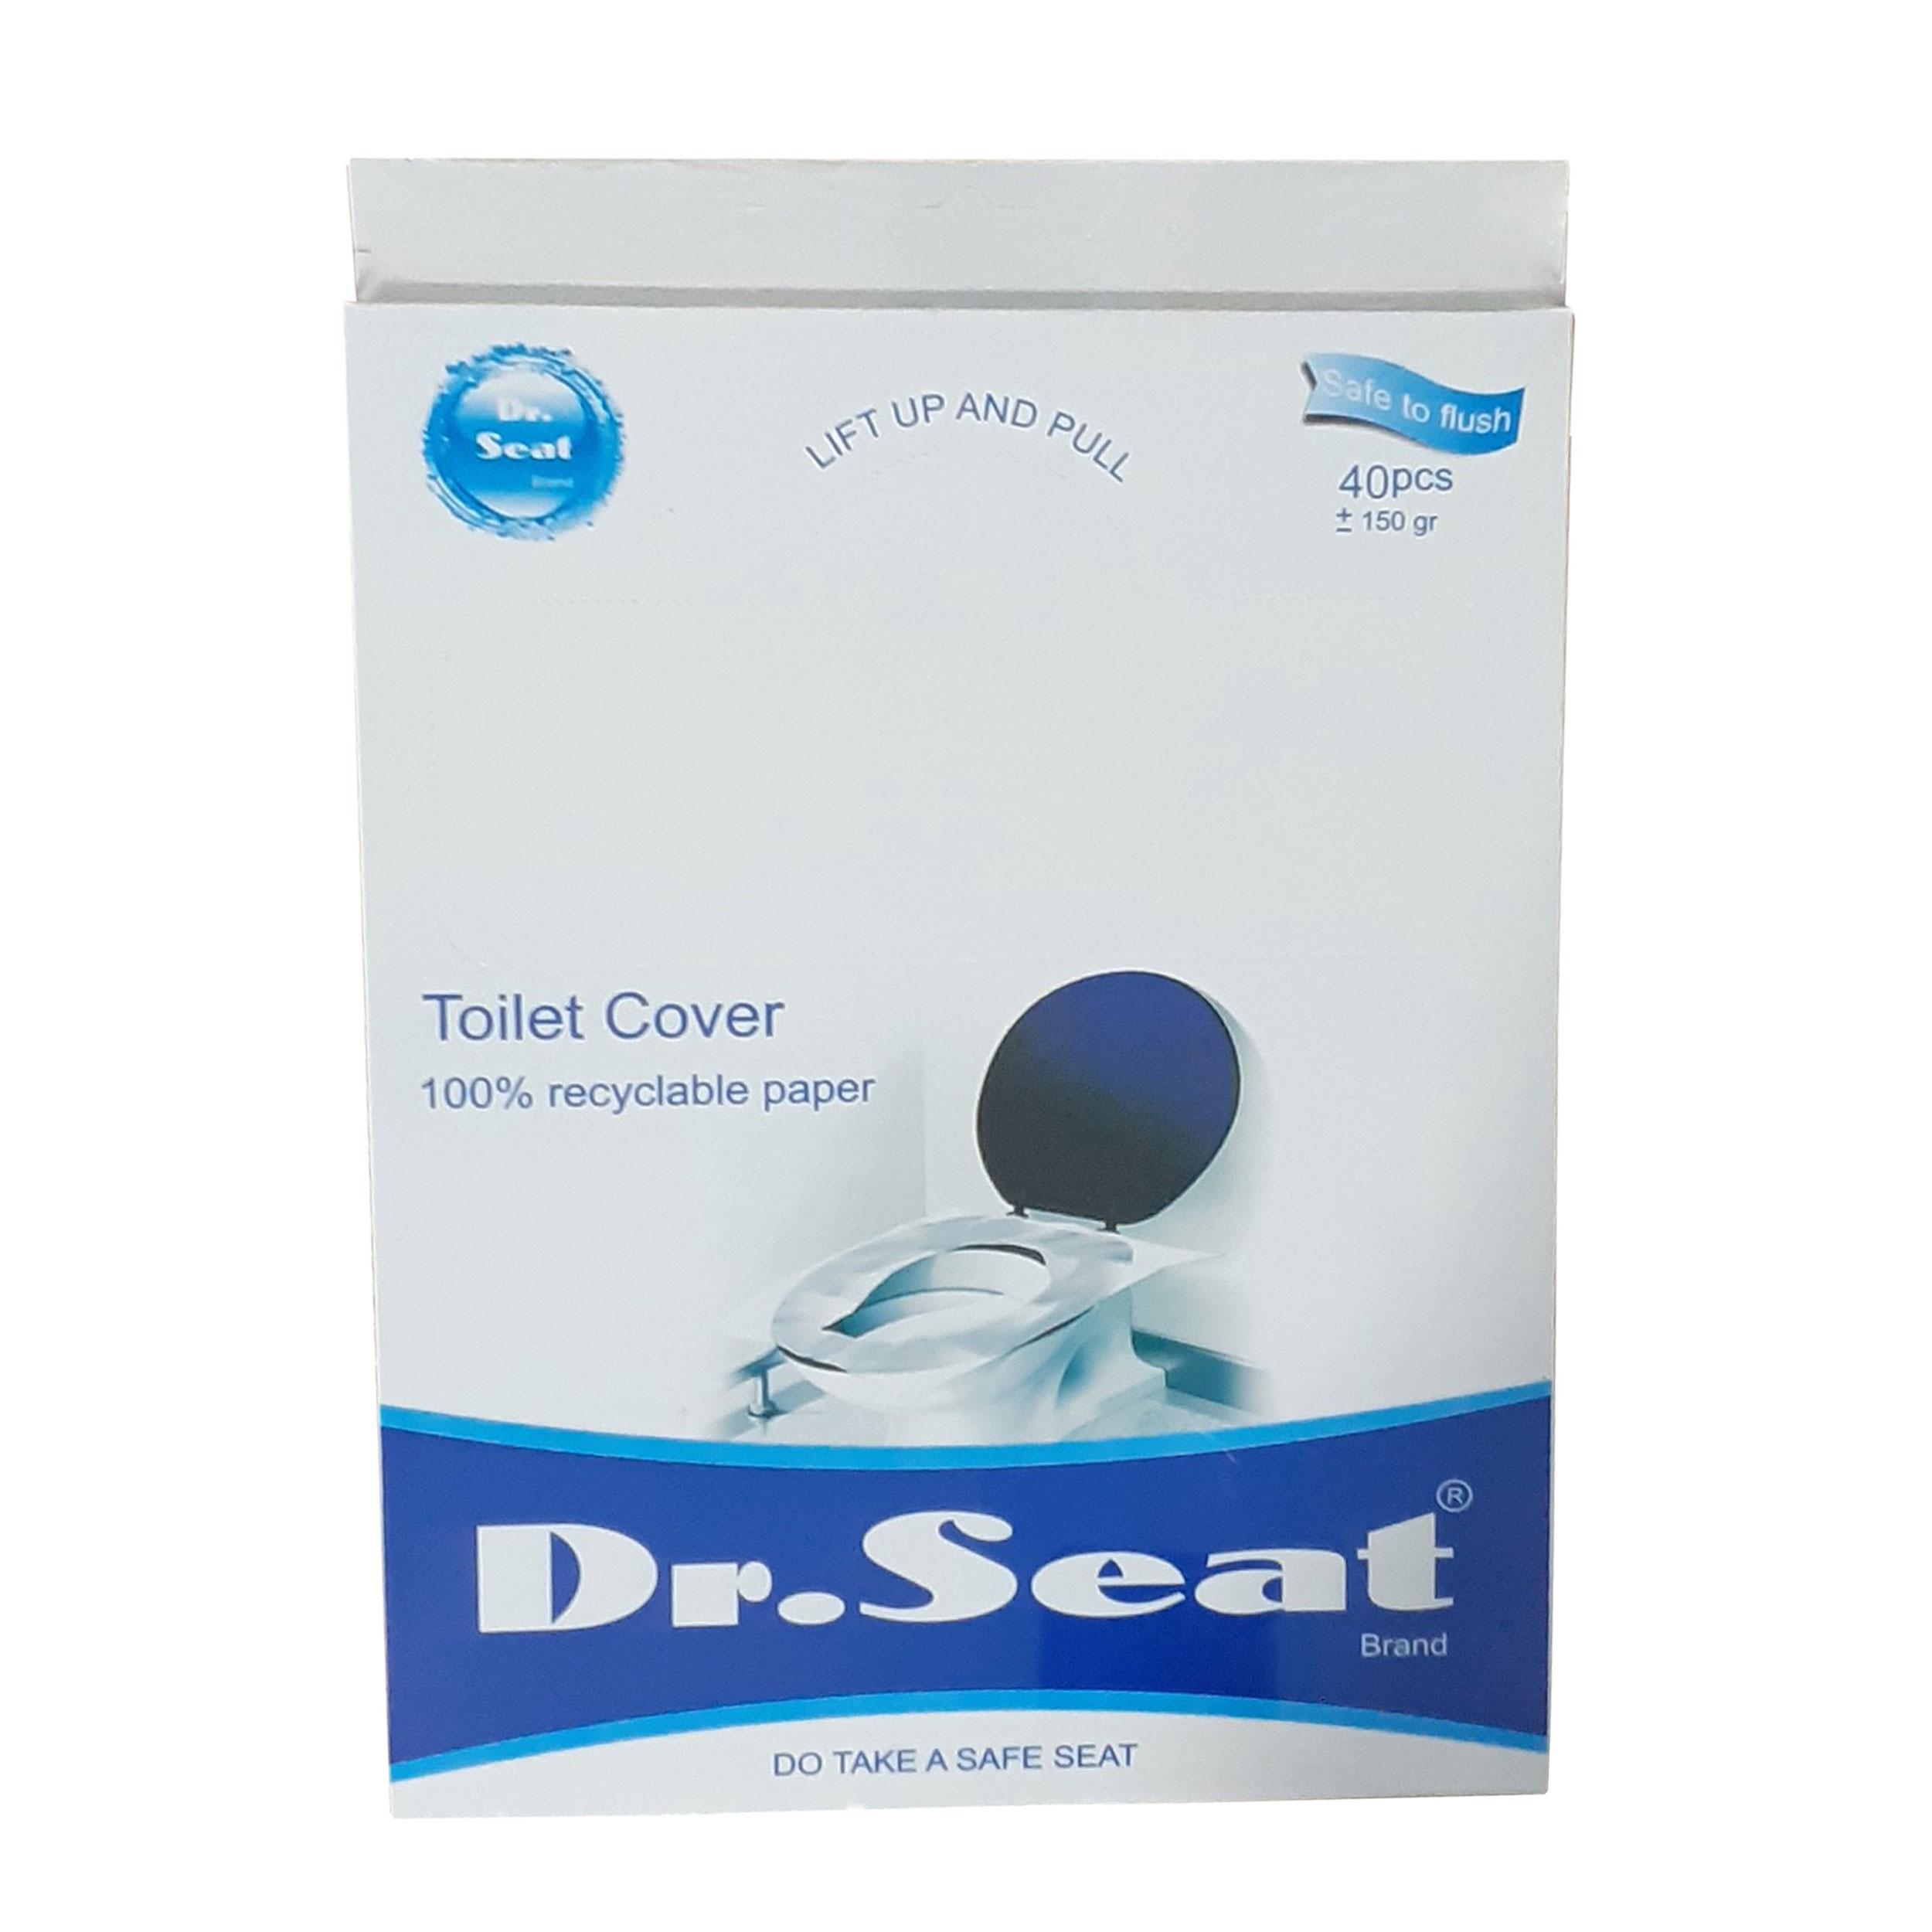 روکش یکبار مصرف توالت فرنگی دکتر سیت مدل 171_Travel Pack بسته 40 عددی